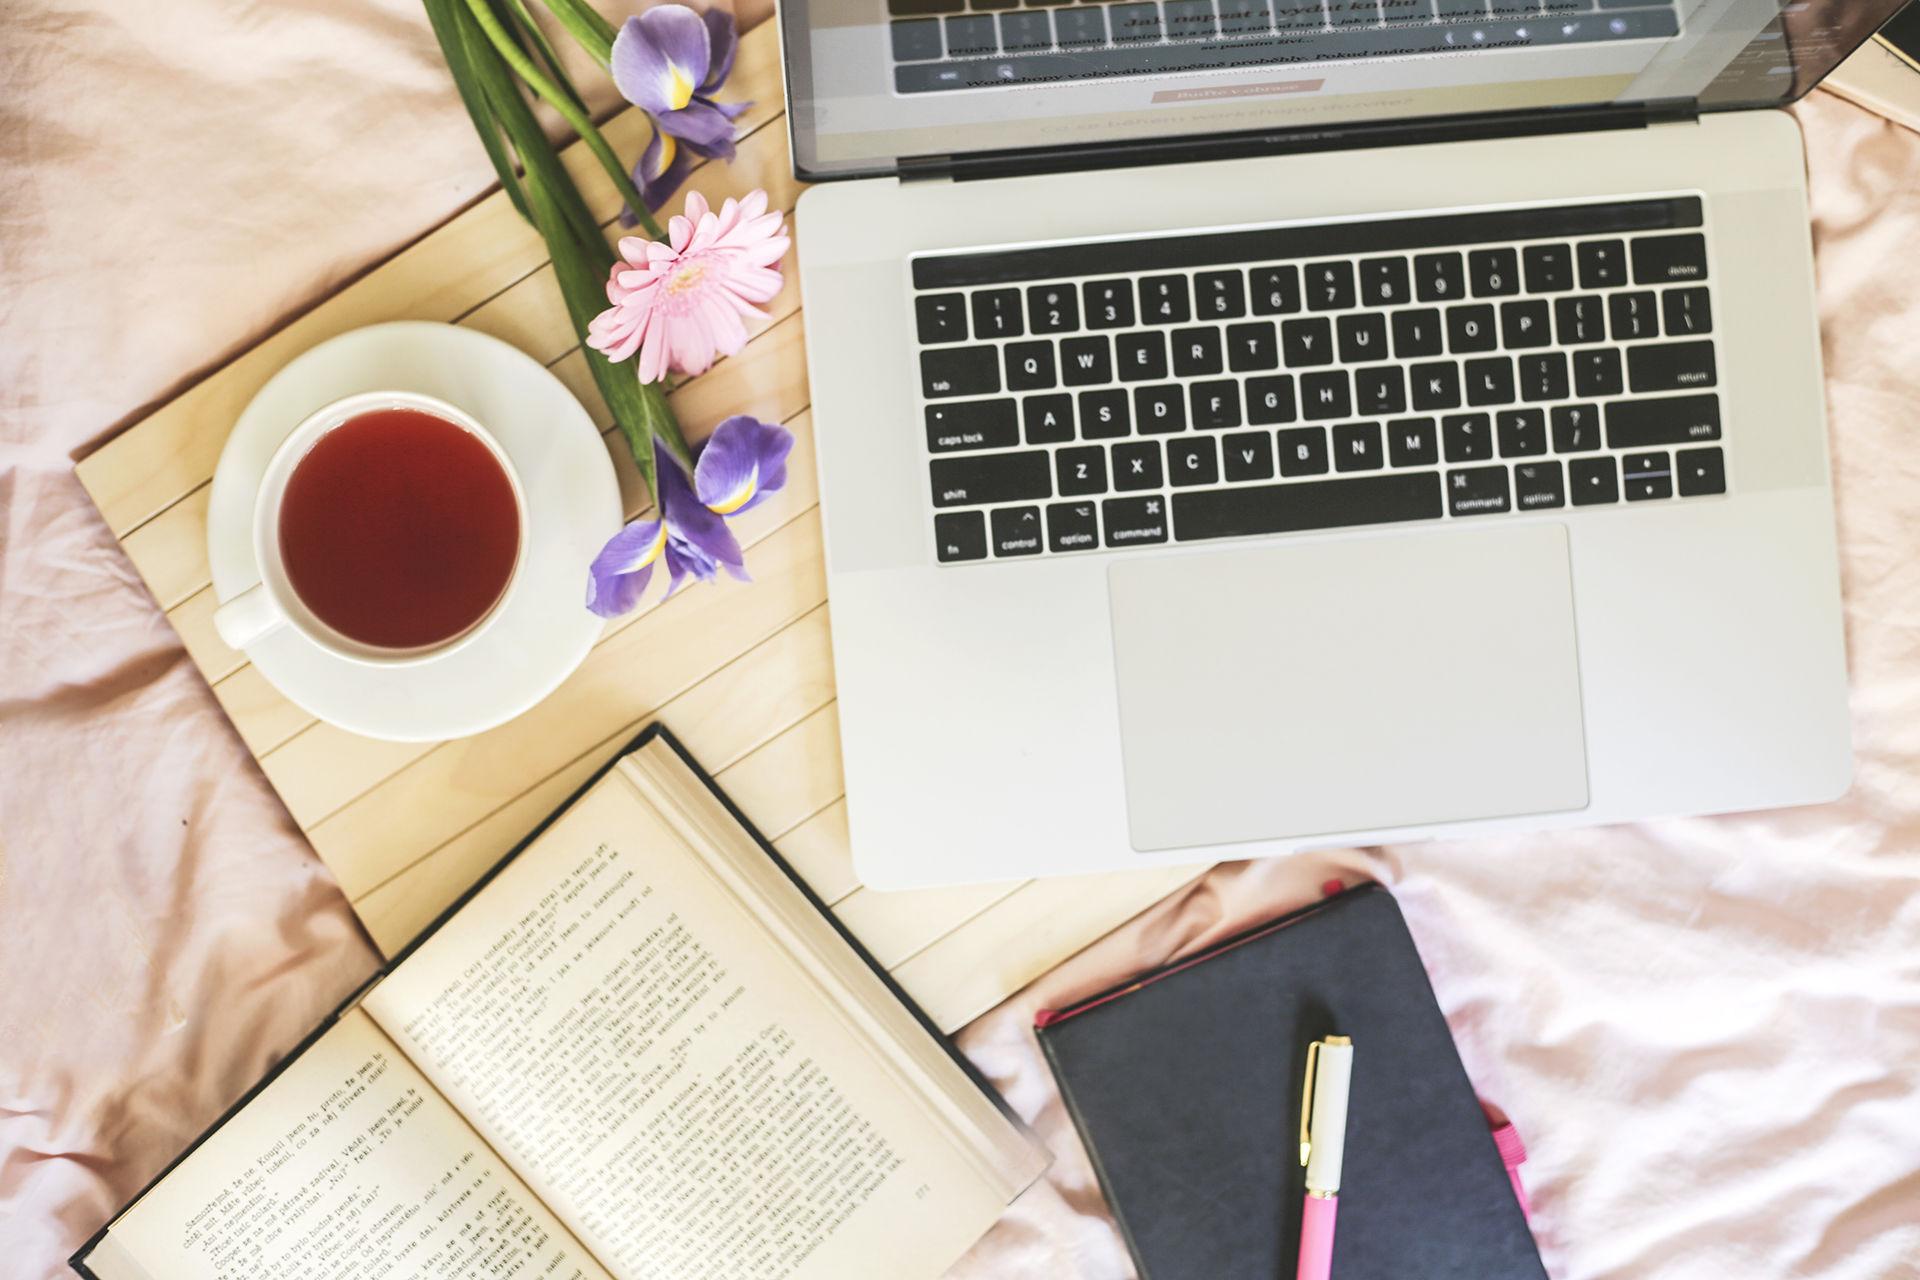 Začněte psát sonline kurzem tvůrčího psaní